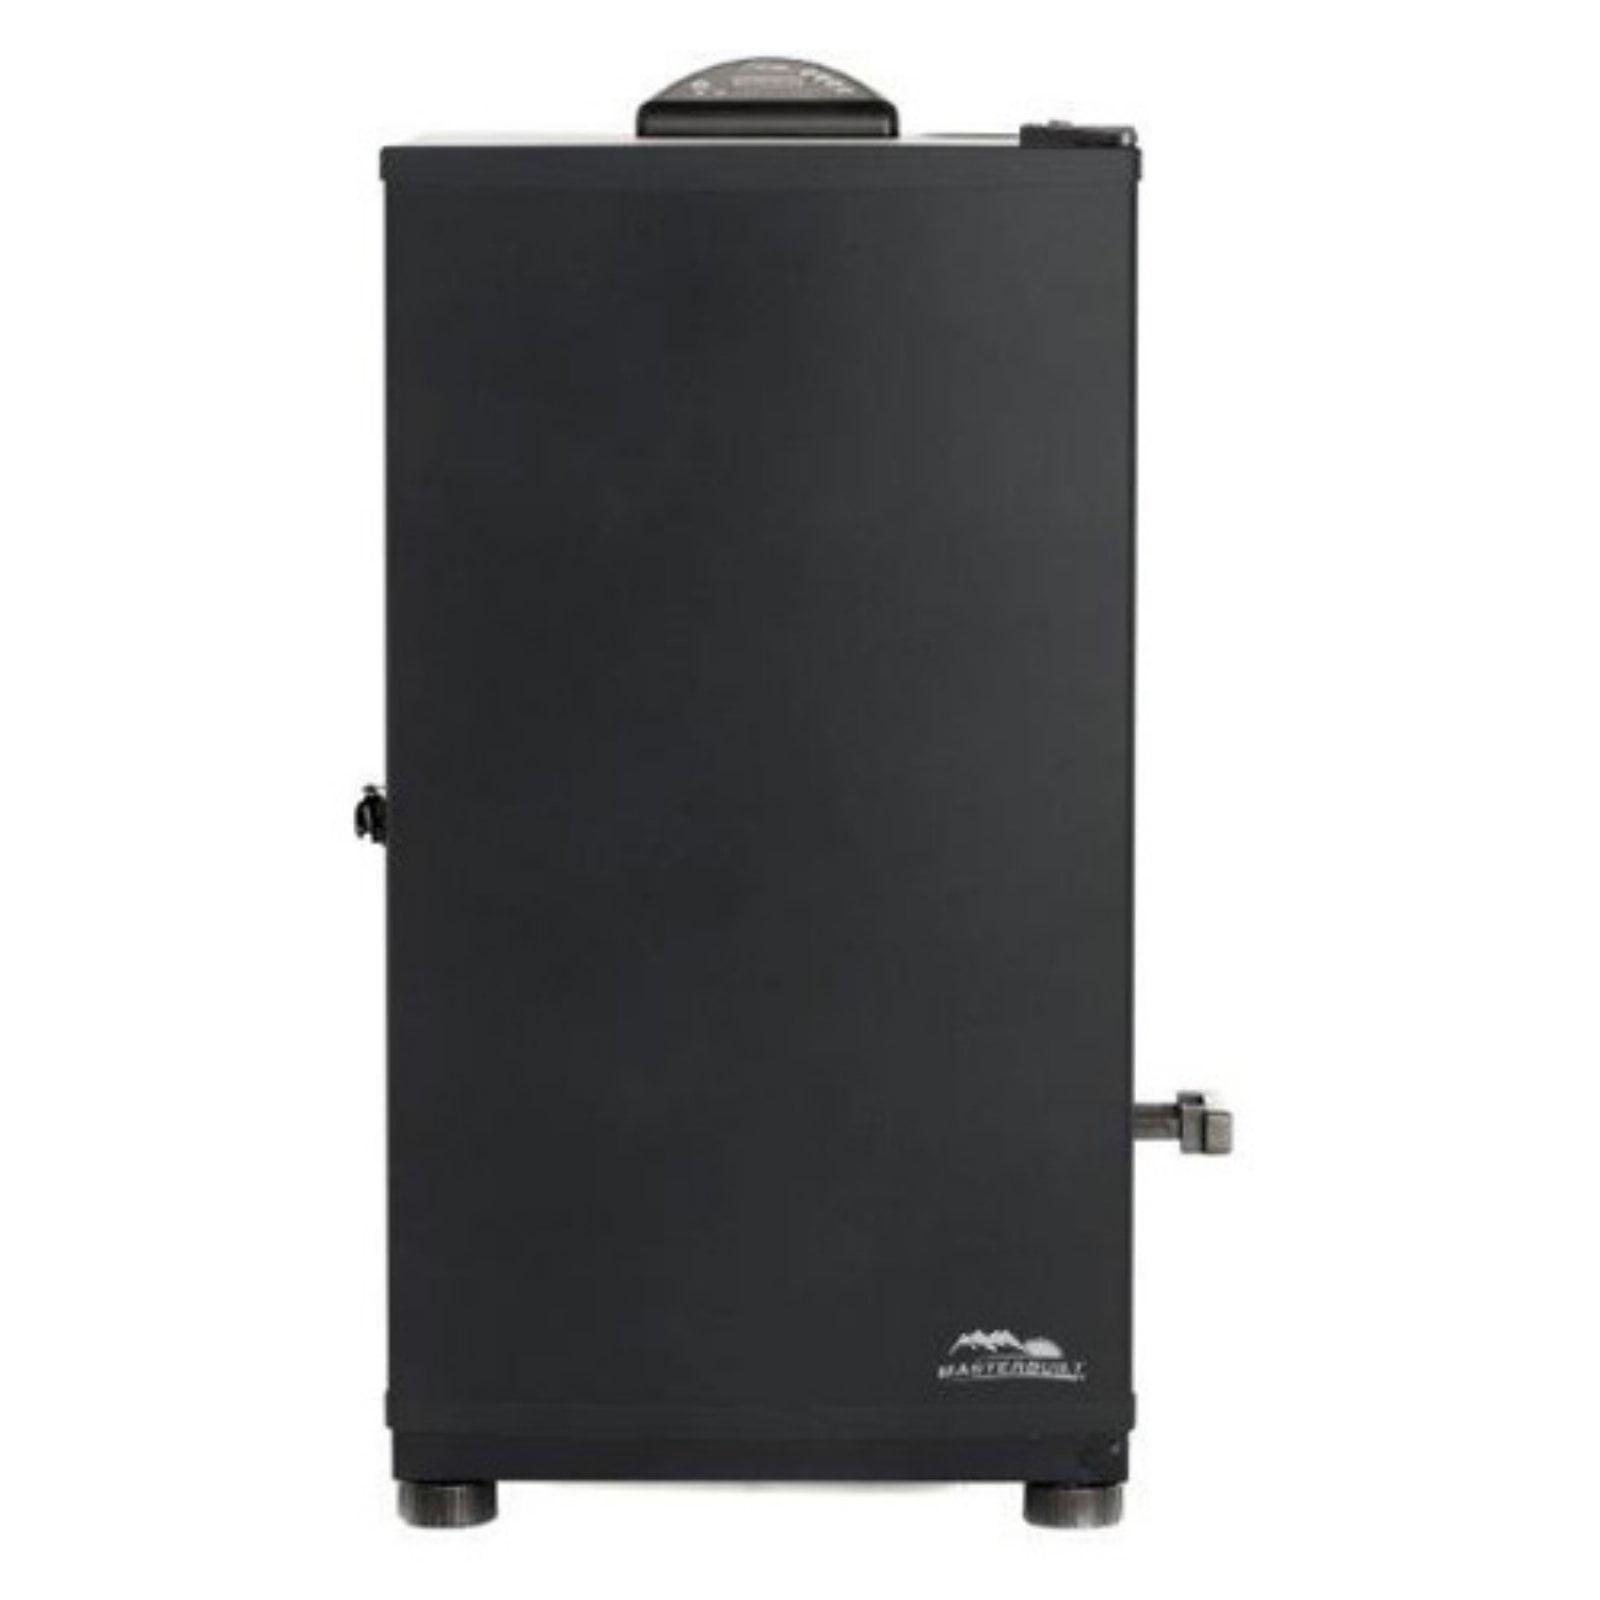 20077515 30 Digital Electric Smoker Masterbuilt | Autos Post